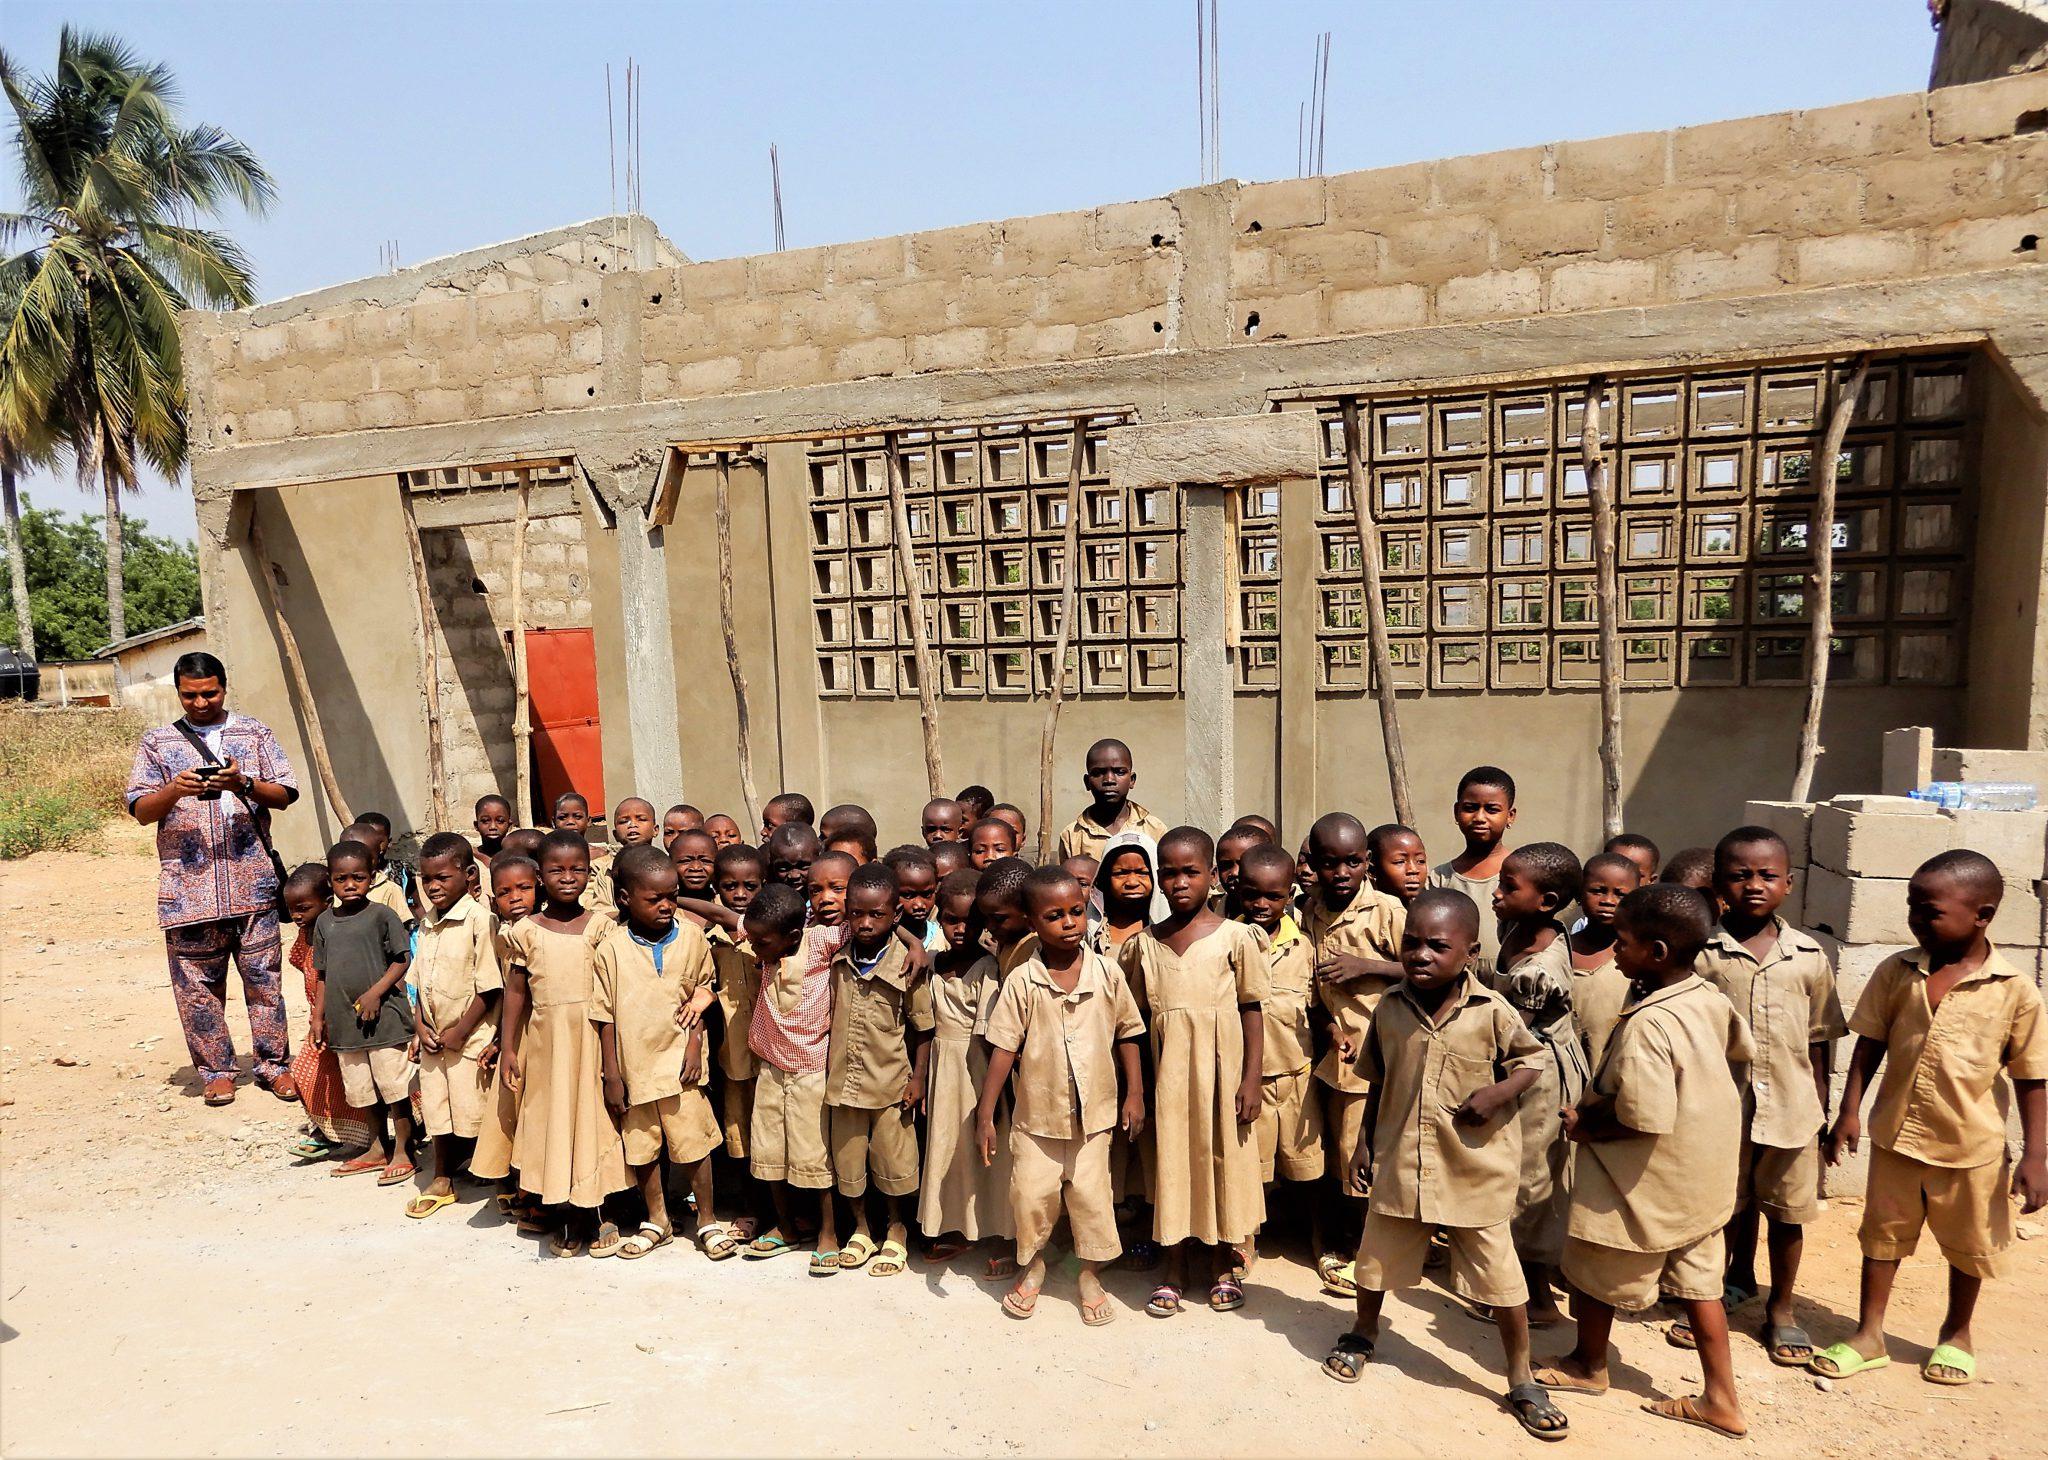 Przyszli kilkuletni uczniowie przed jeszcze nieukończoną szkołą.